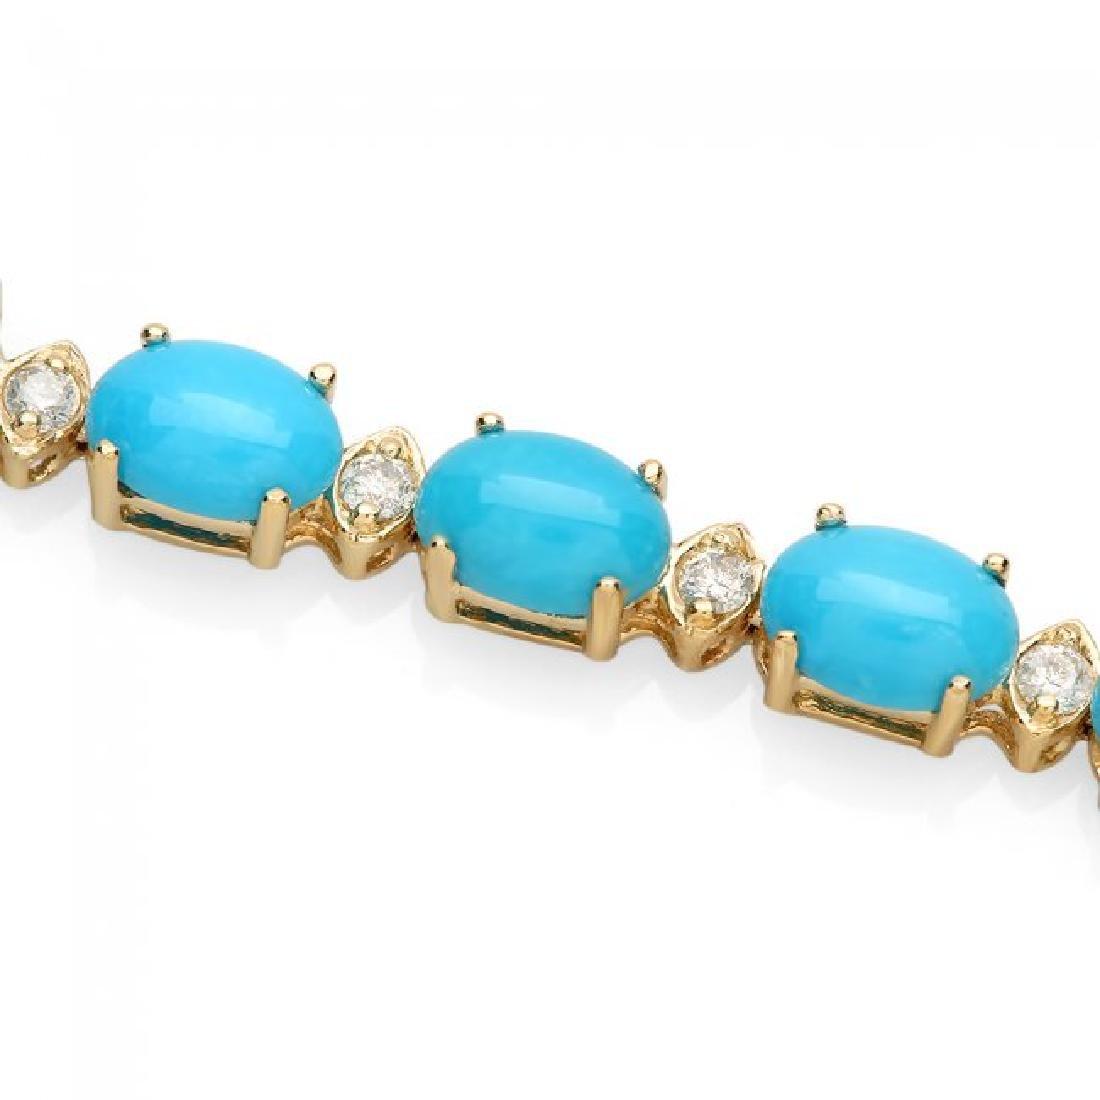 14k 12.00ct Turquoise 0.70ct Diamond Bracelet